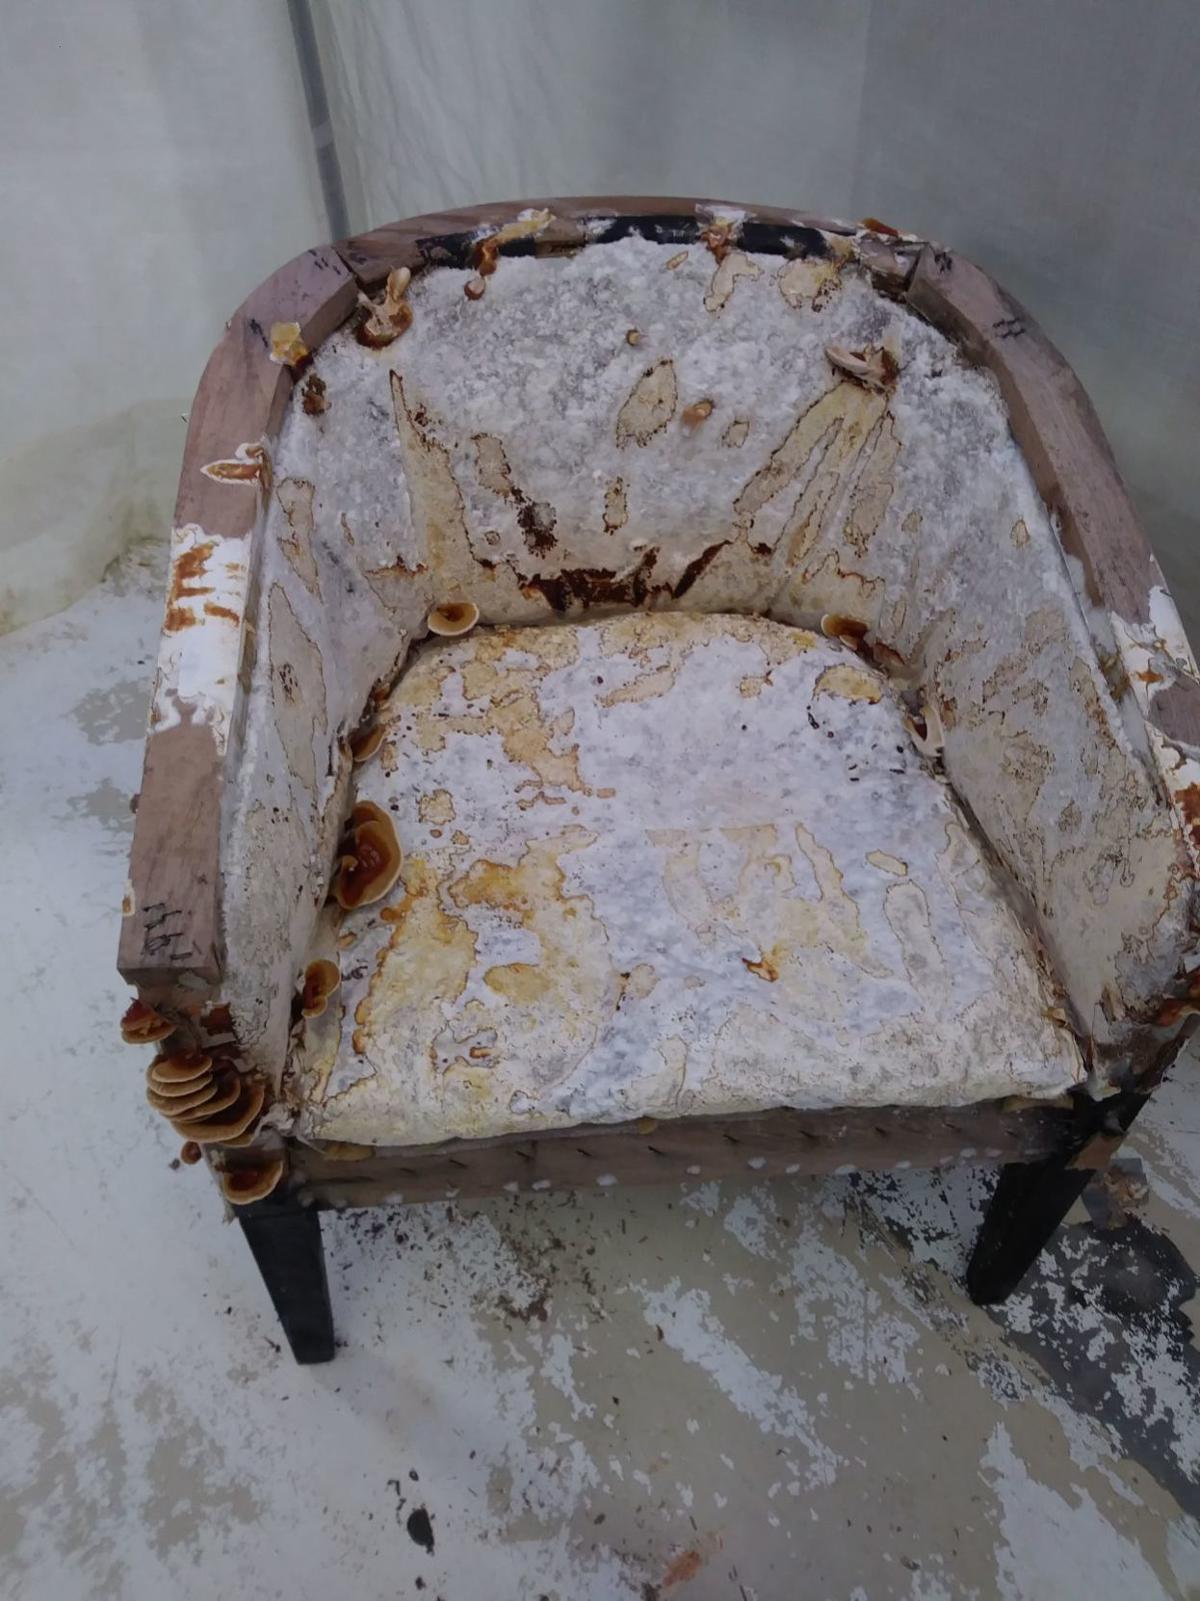 Fungi chair